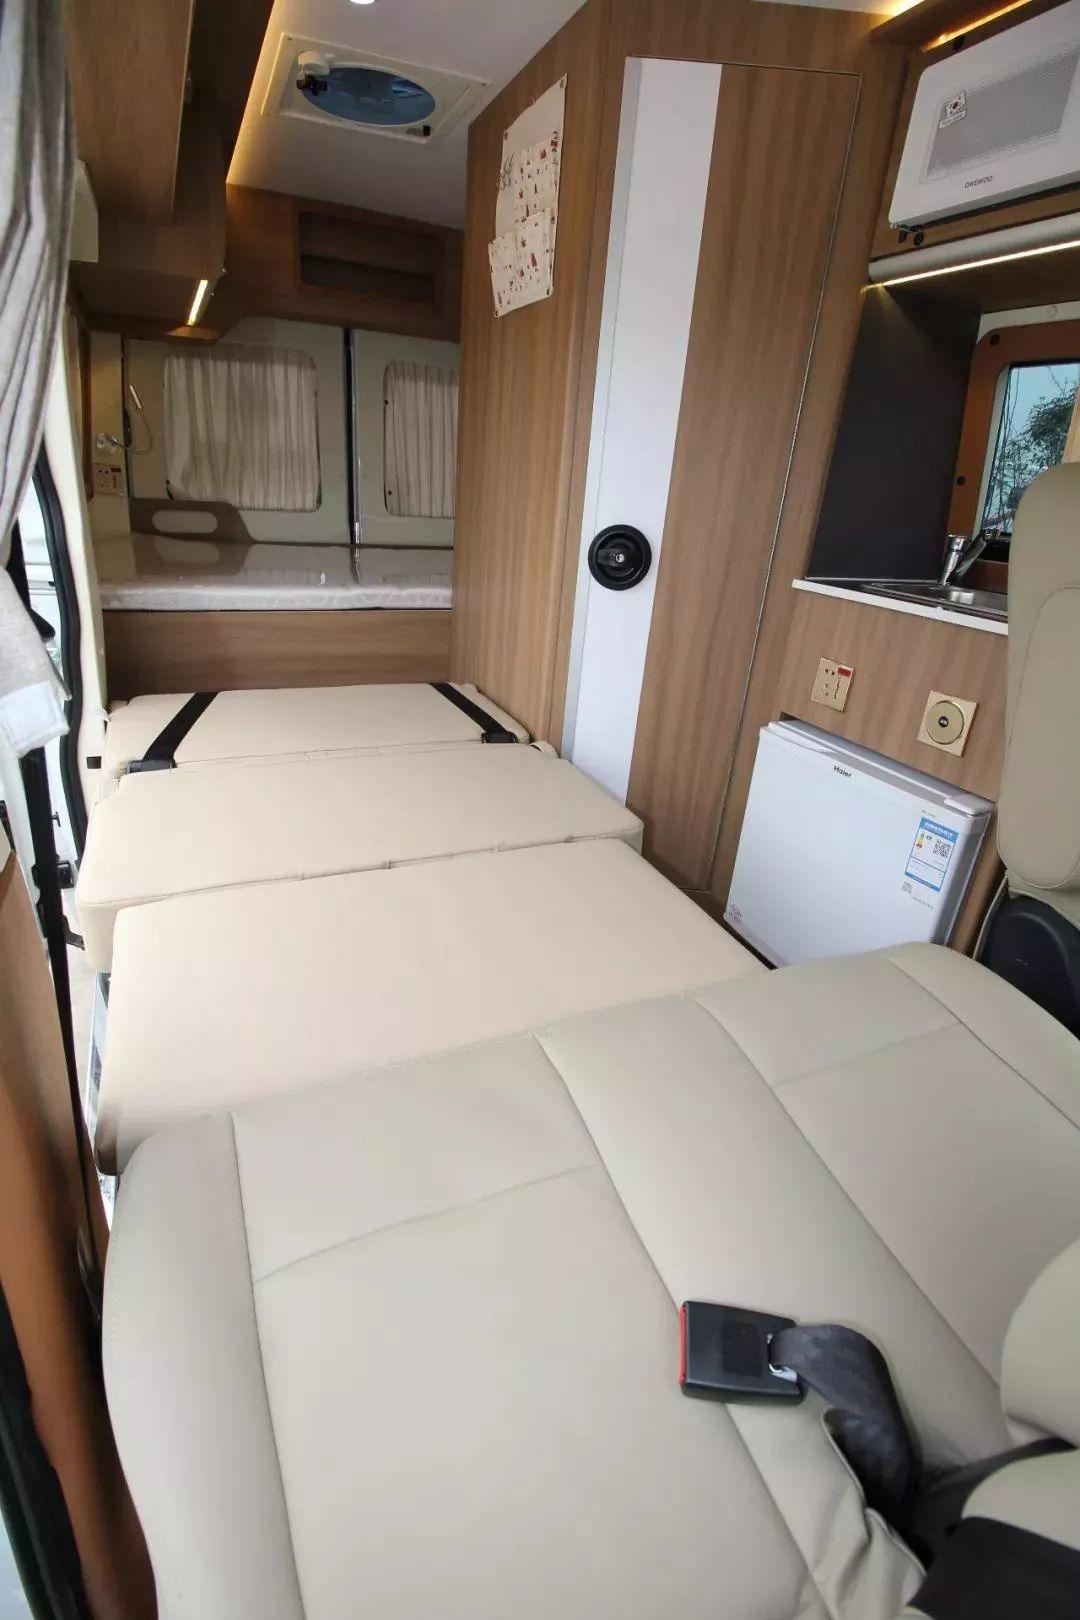 2.29上海房车展:车长5米1的骏驰B型房车,小空间大利用,2X.8万的售价很值了!